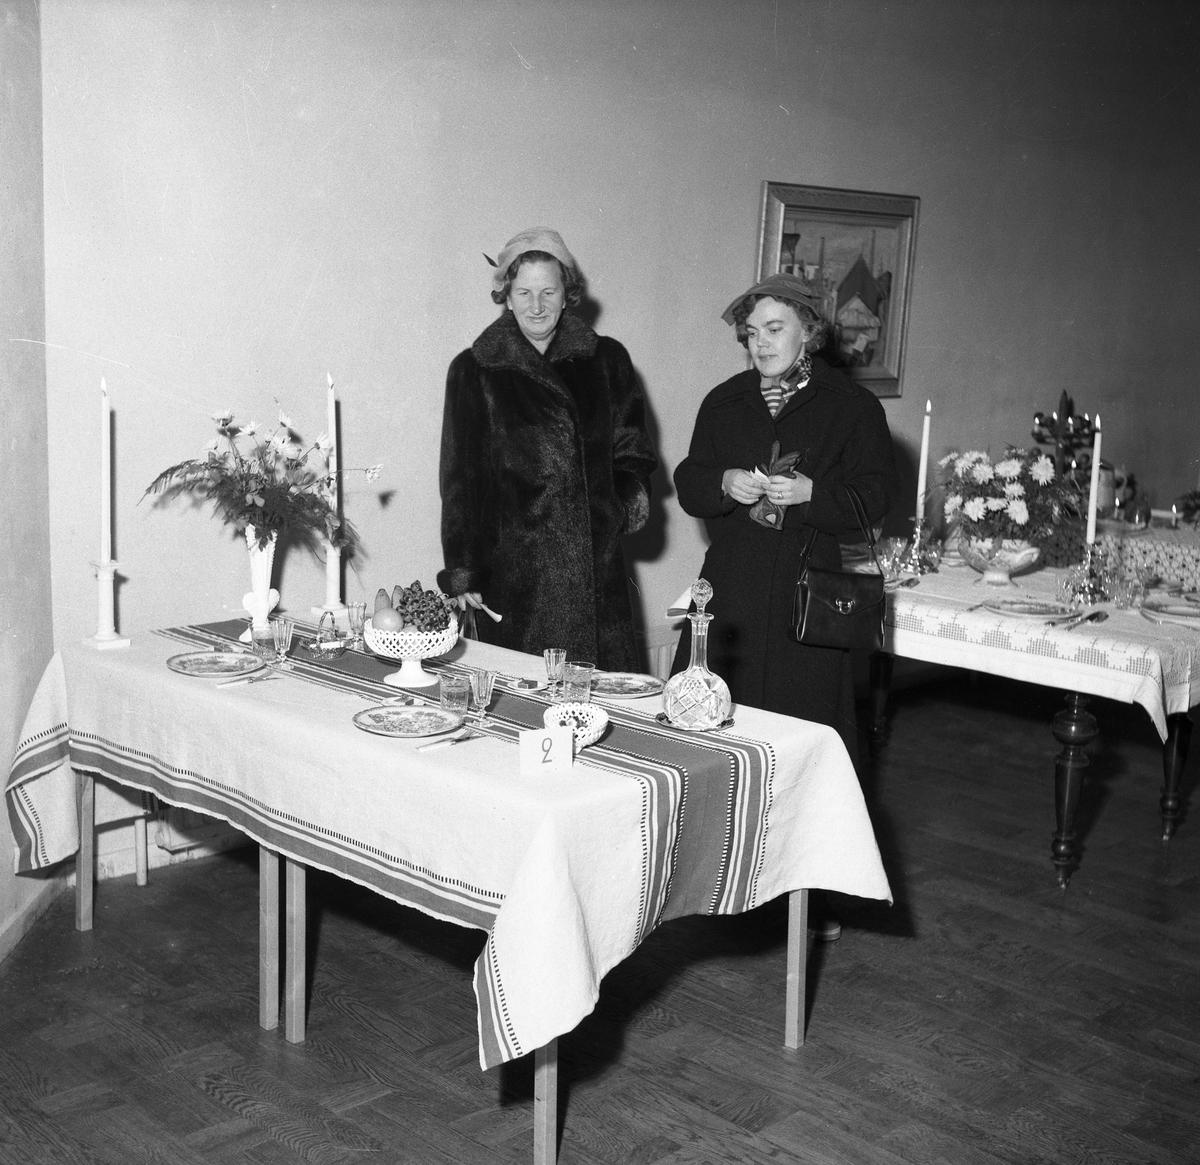 Utställning med olika dukningar visas på Folkan/Medborgarhuset. Här är det dukat med frukt och karameller samt en karaff. Porslin, ljusstakar och en vas med blommor finns på bordet. Två kvinnor ser på utställningen, den ena är klädd i päls och den andra i kappa.